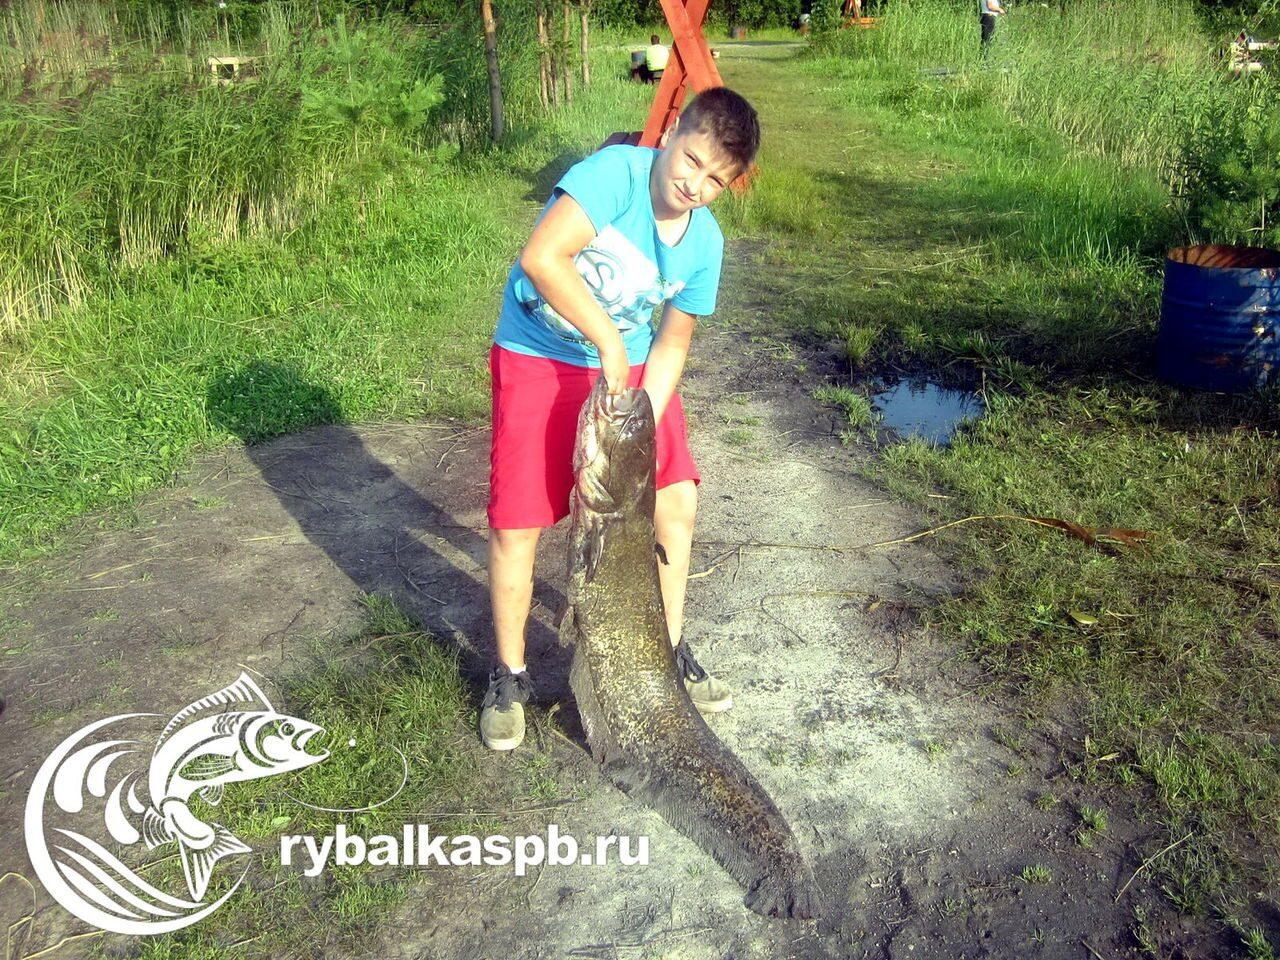 рыбалка в лепсари официальный сайт цены